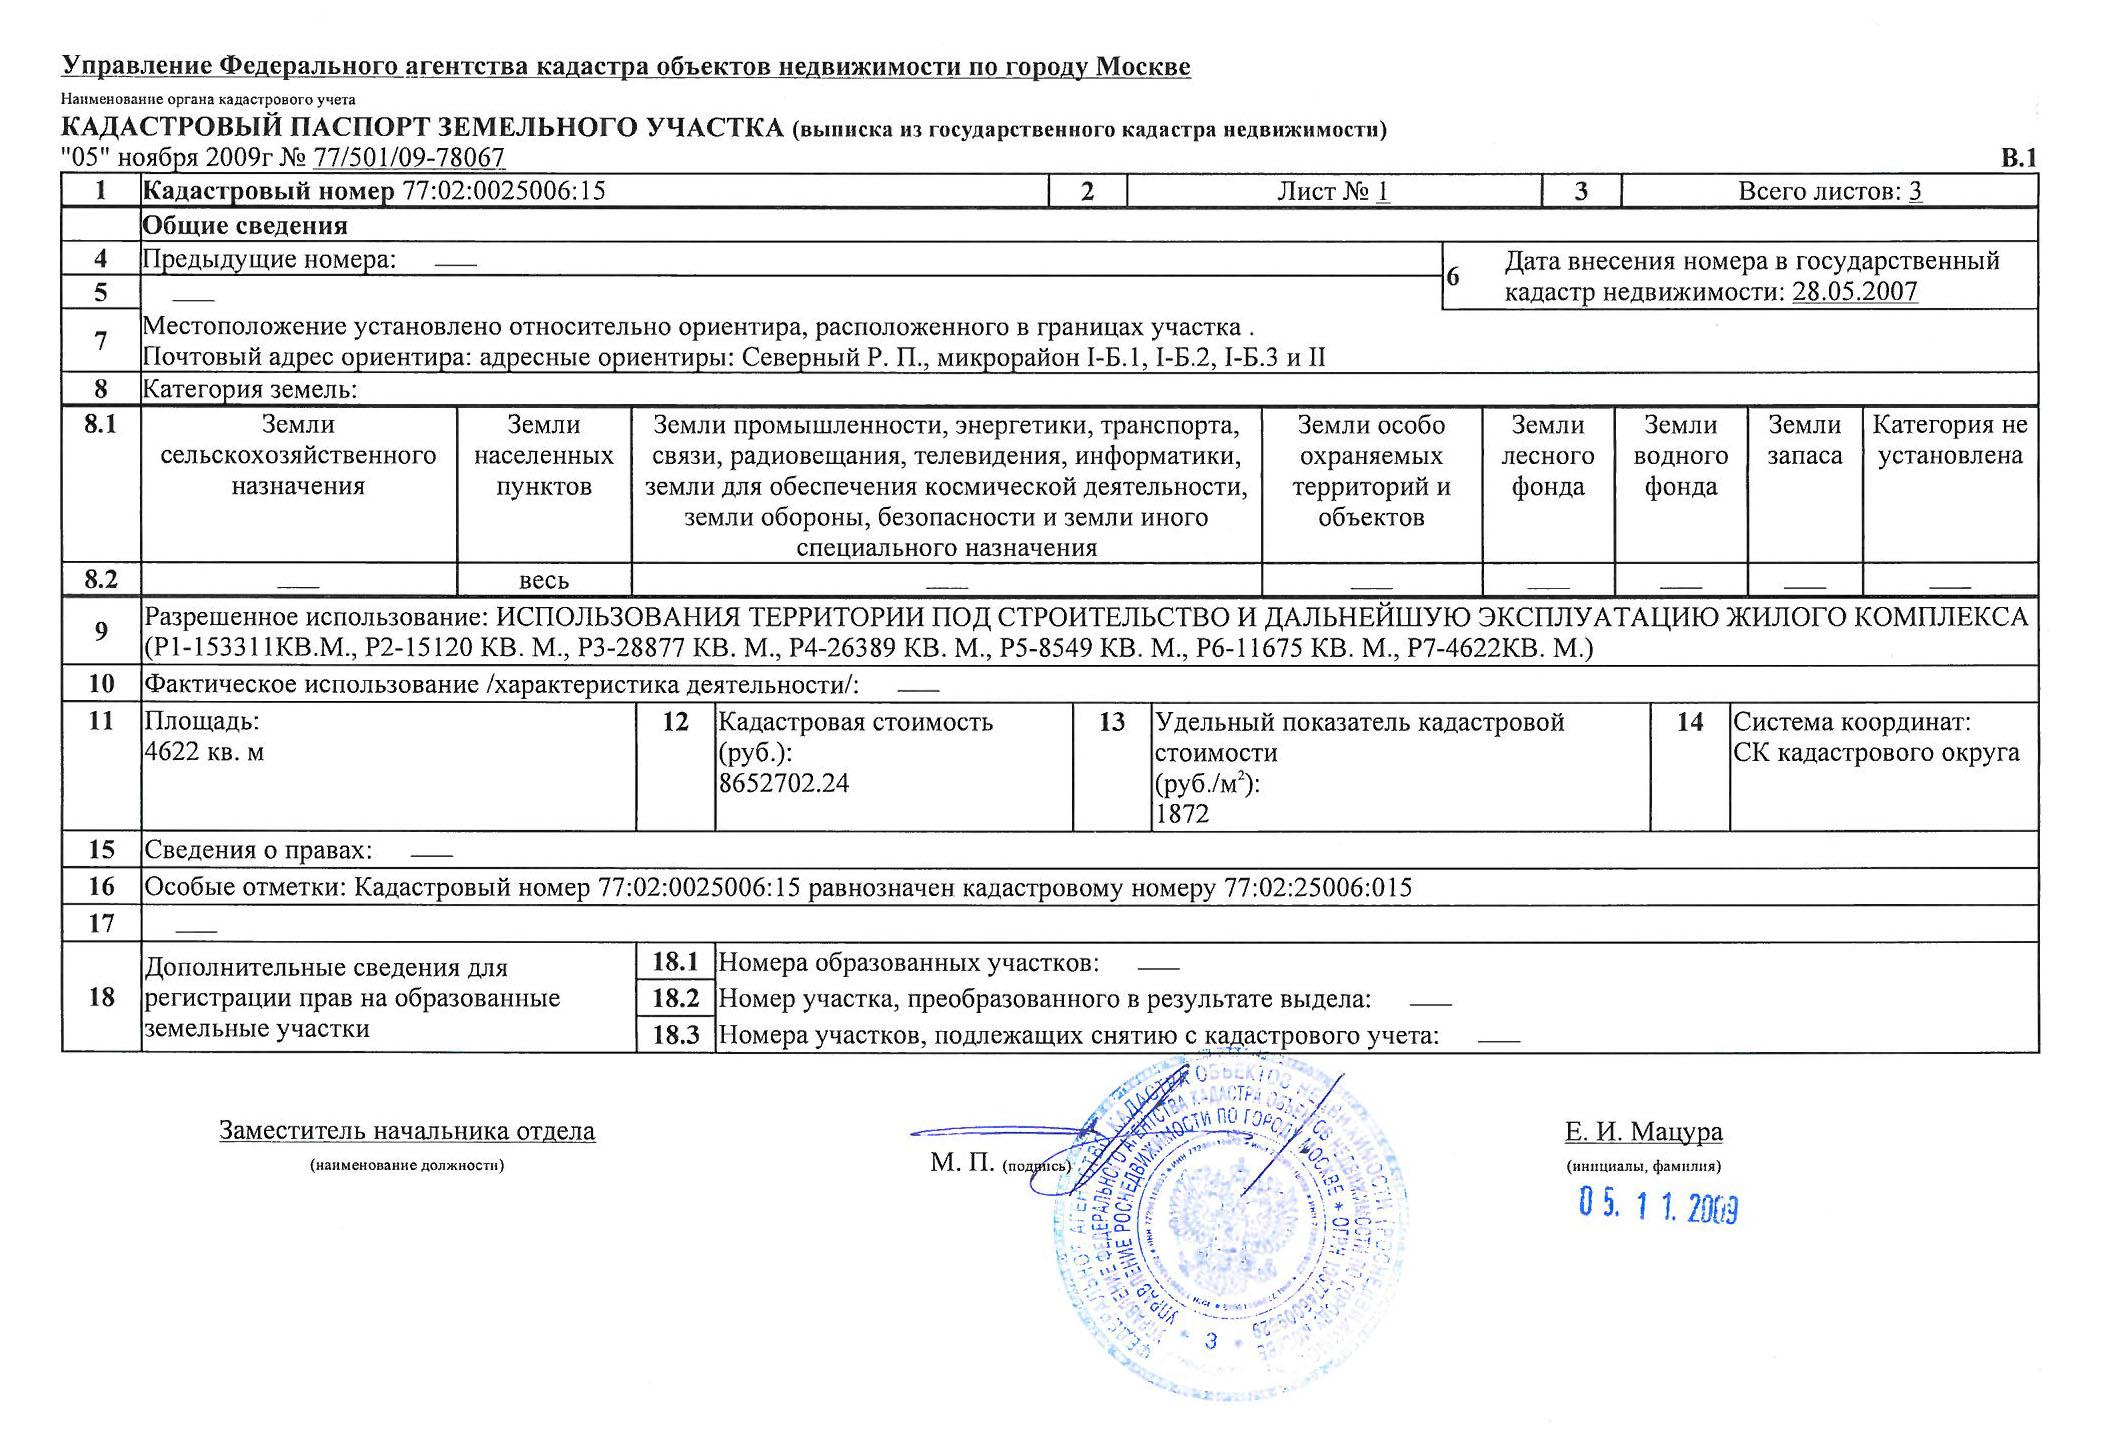 Кадастр земли в московской области